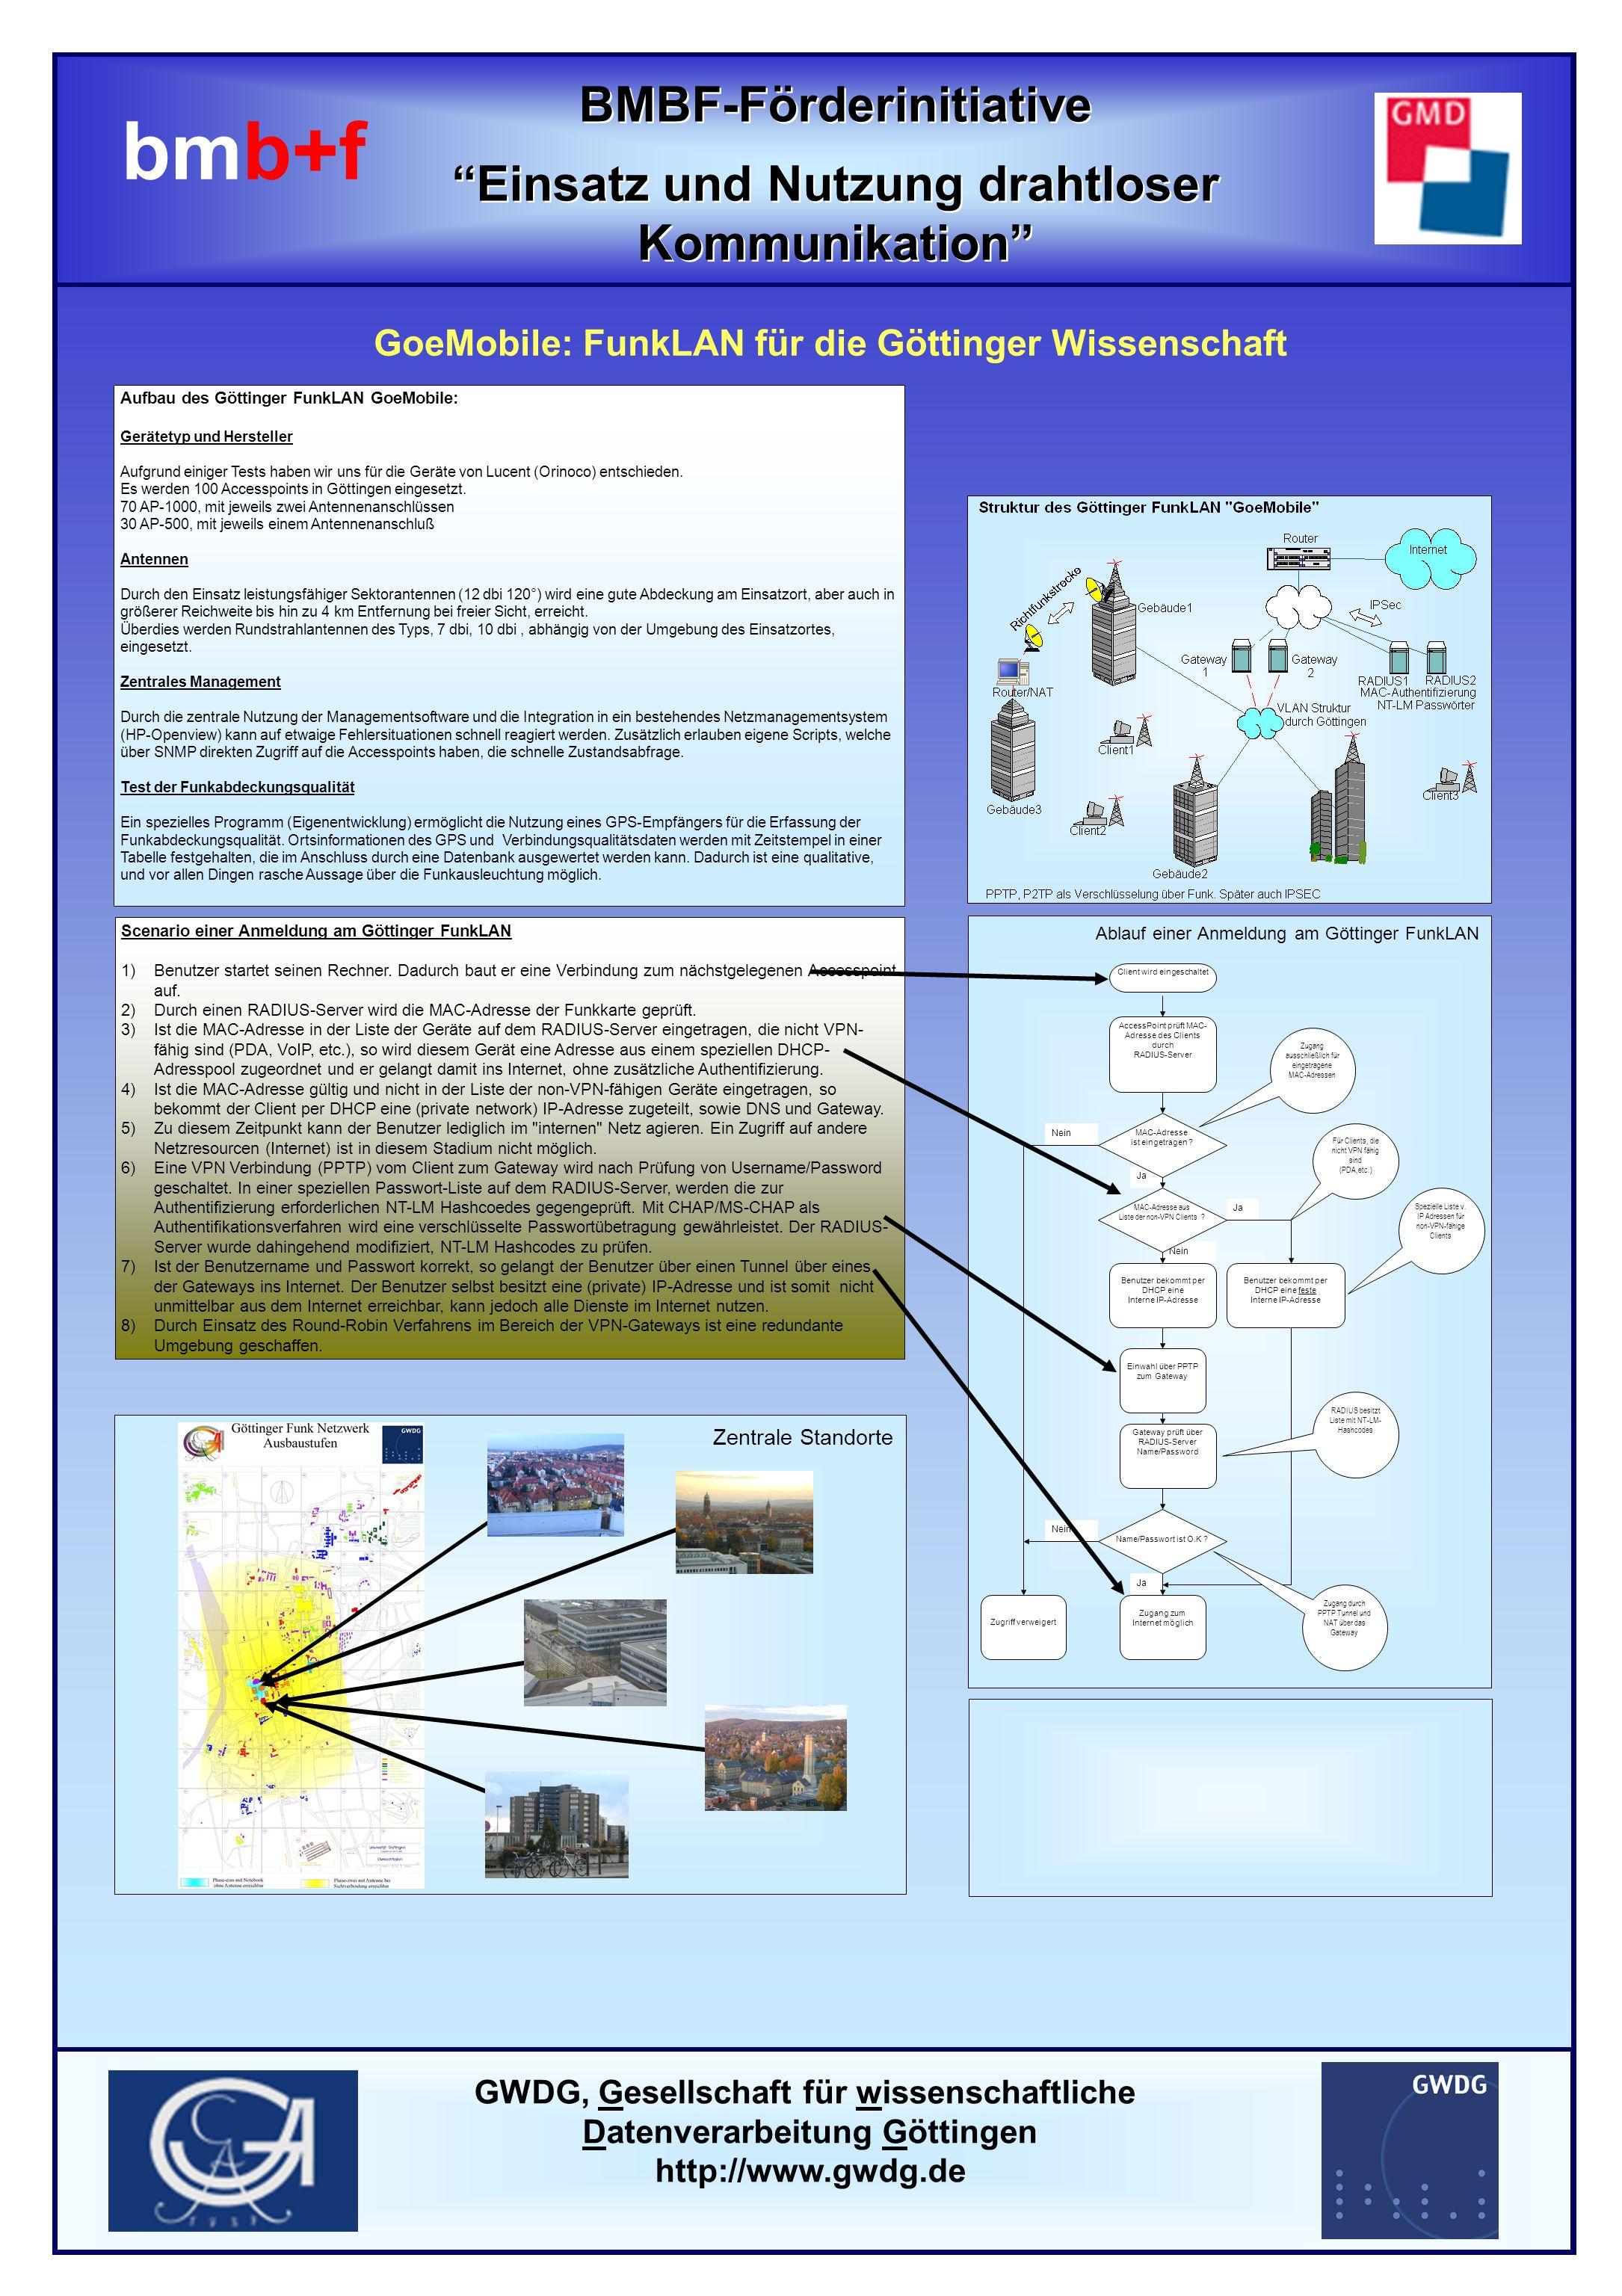 BMBF-Förderinitiative Einsatz und Nutzung drahtloser Kommunikation BMBF-Förderinitiative Einsatz und Nutzung drahtloser Kommunikation bmb+f GoeMobile: FunkLAN für die Göttinger Wissenschaft Scenario einer Anmeldung am Göttinger FunkLAN 1)Benutzer startet seinen Rechner.